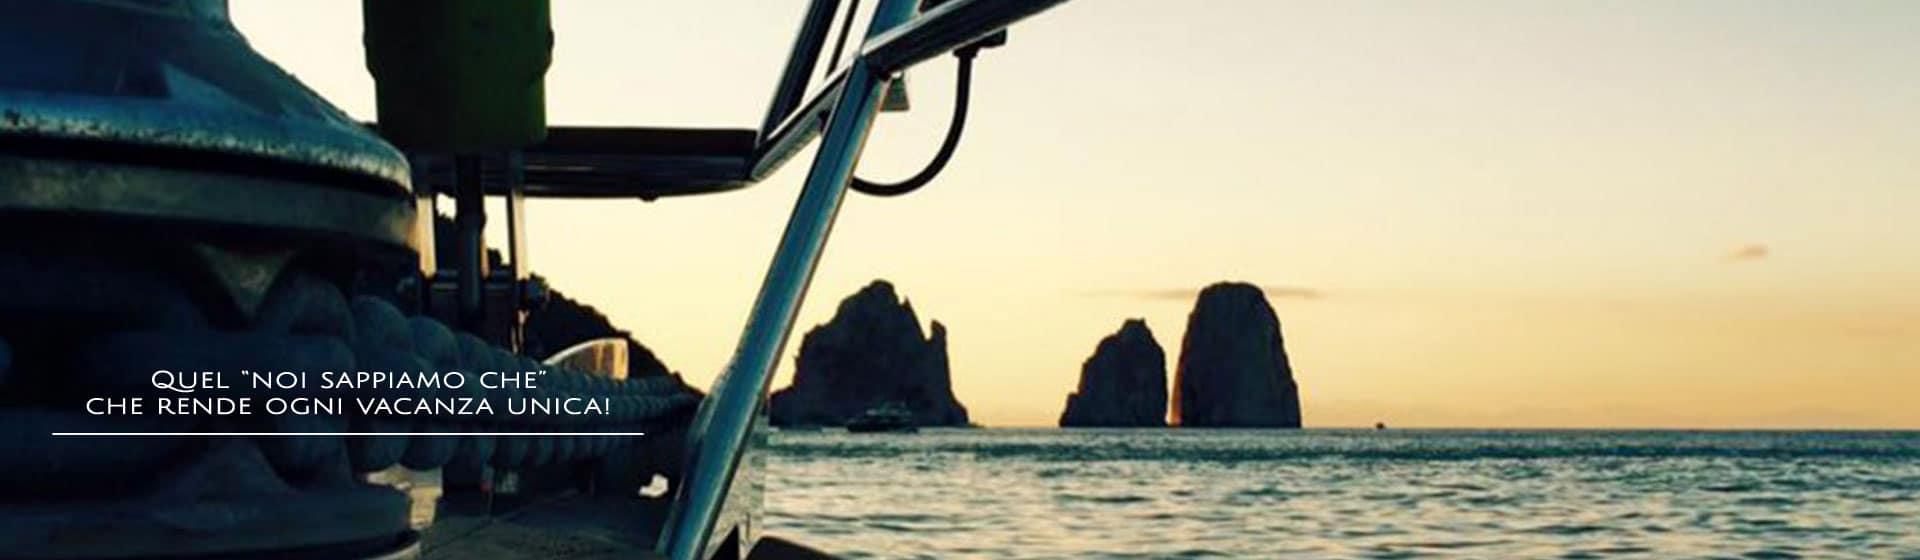 Mar Mediterraneo, charter in barca a vela, vacanze in barca a vela